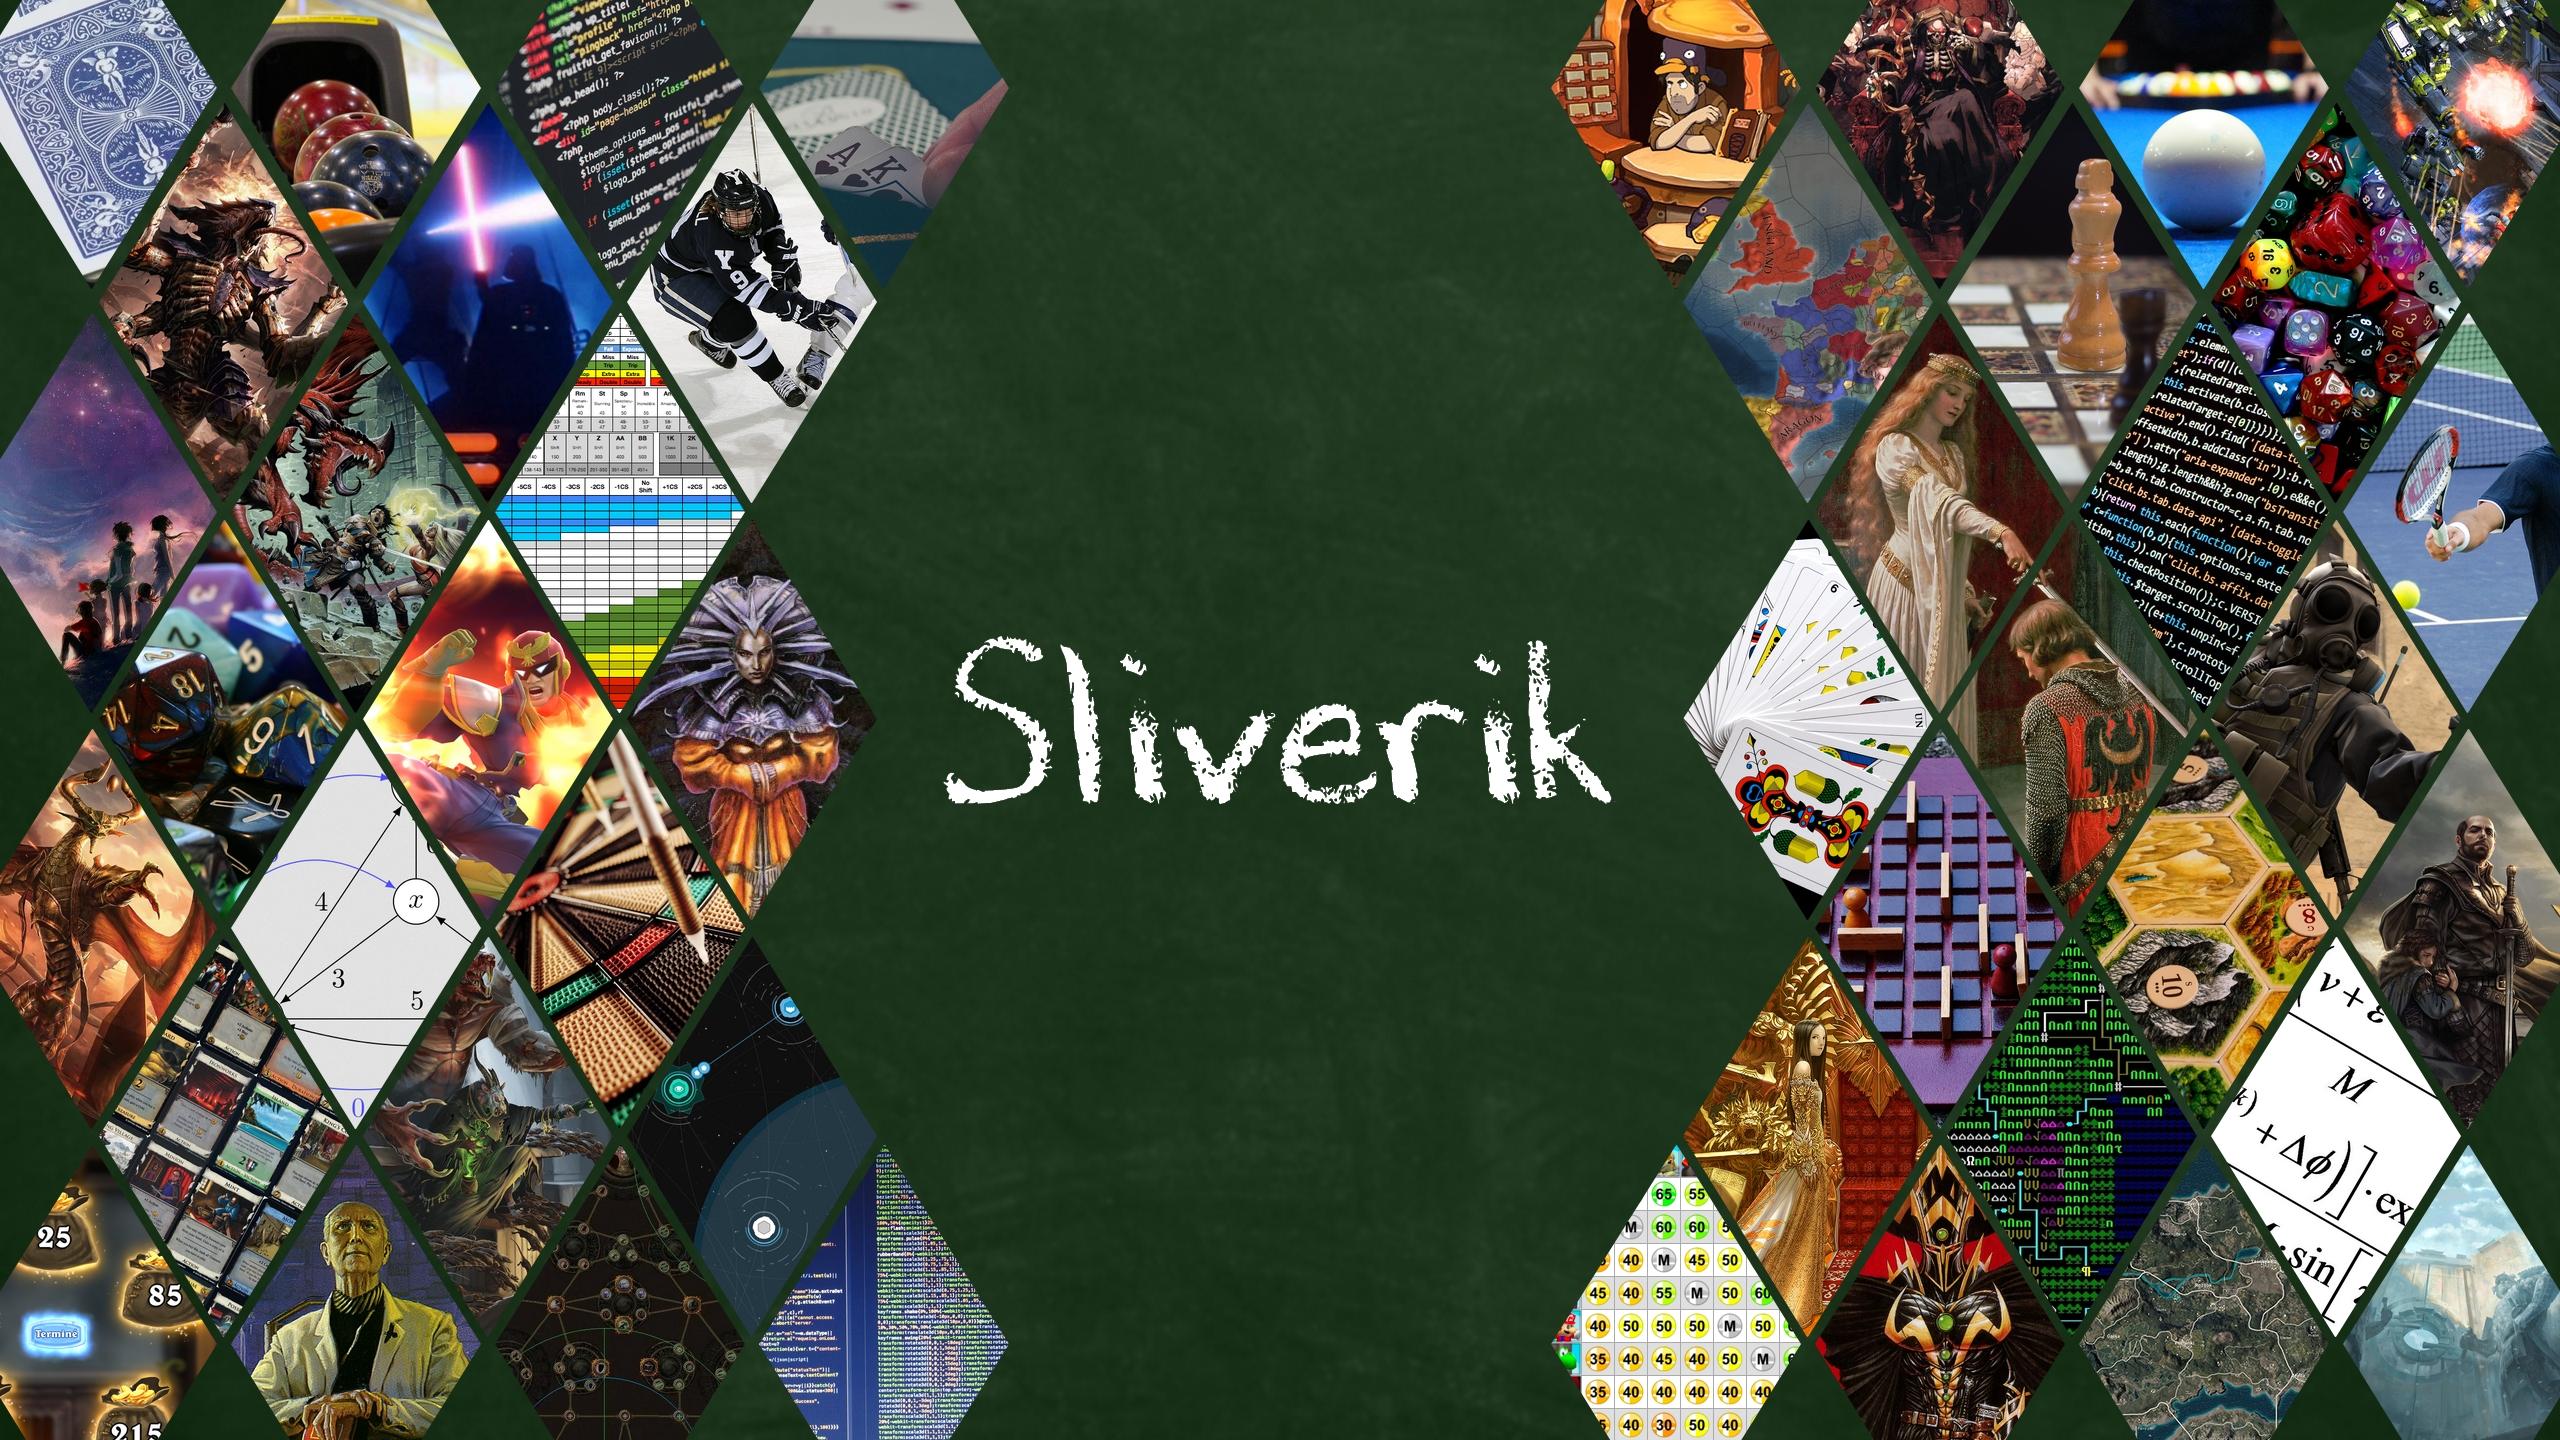 [Chaîne] Sliverik: Game design, études de jeux et découvertes de mondes Bannie10